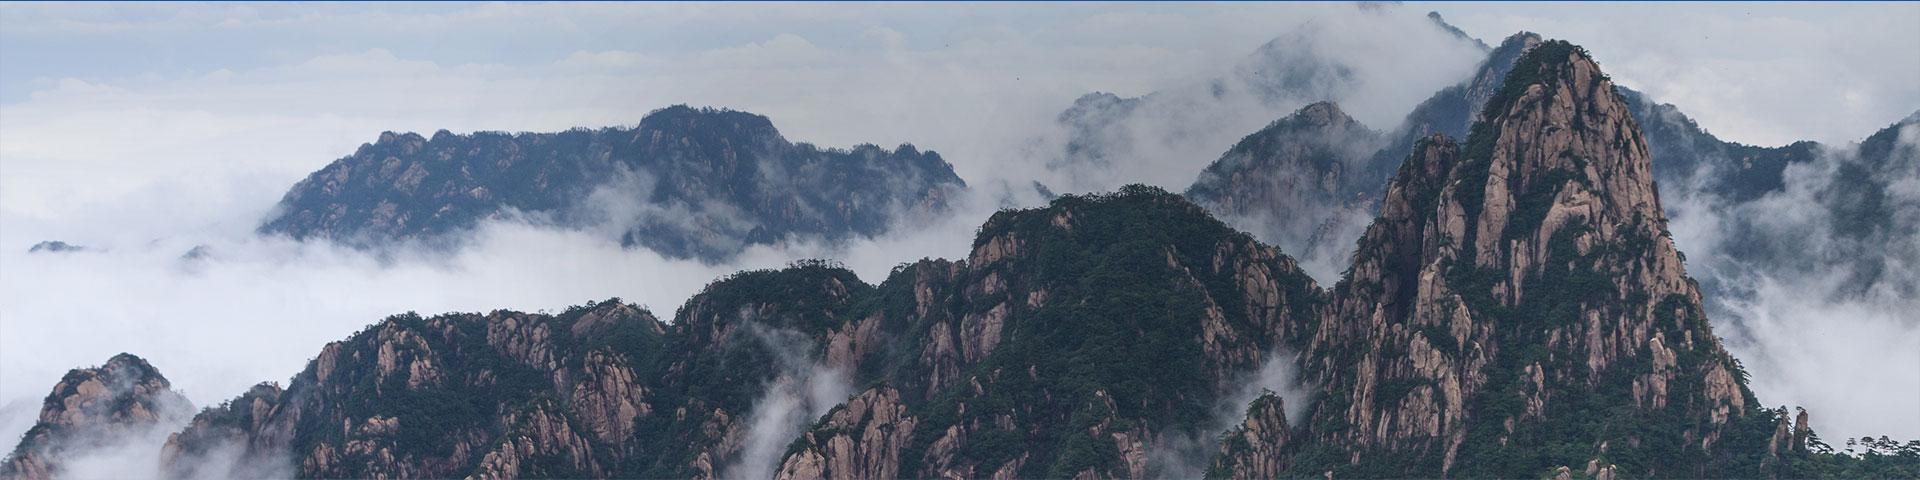 장가계 | 태항산 | 황산 | 계림